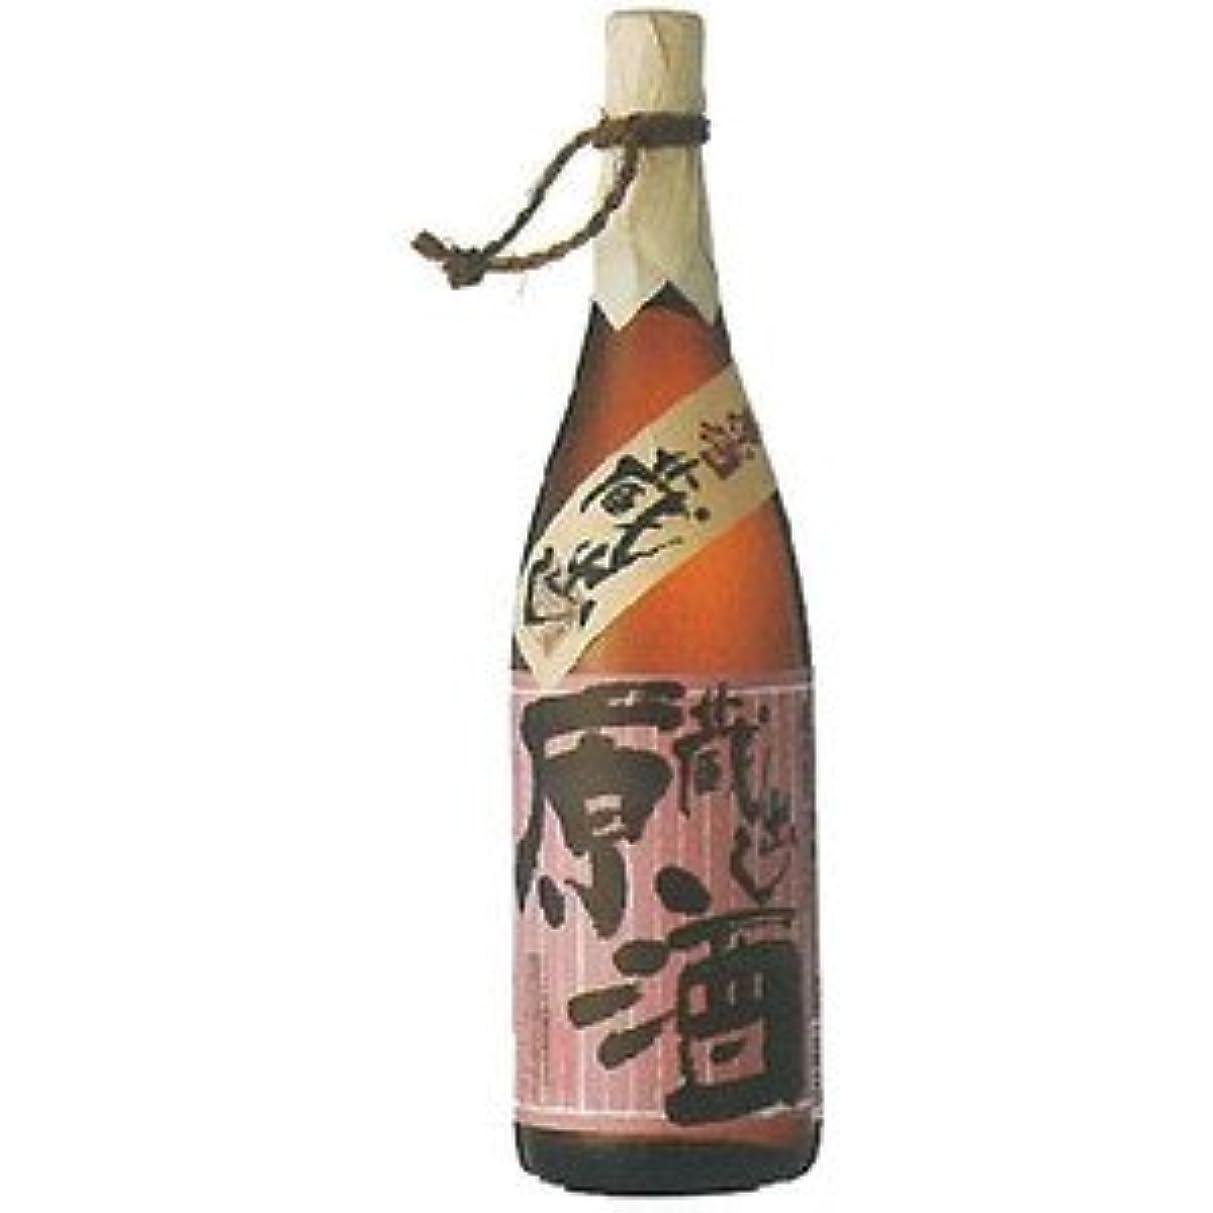 おばあさん飼い慣らす添付香の泉 蔵出し原酒 1800ml 6本 松本酒造株式会社